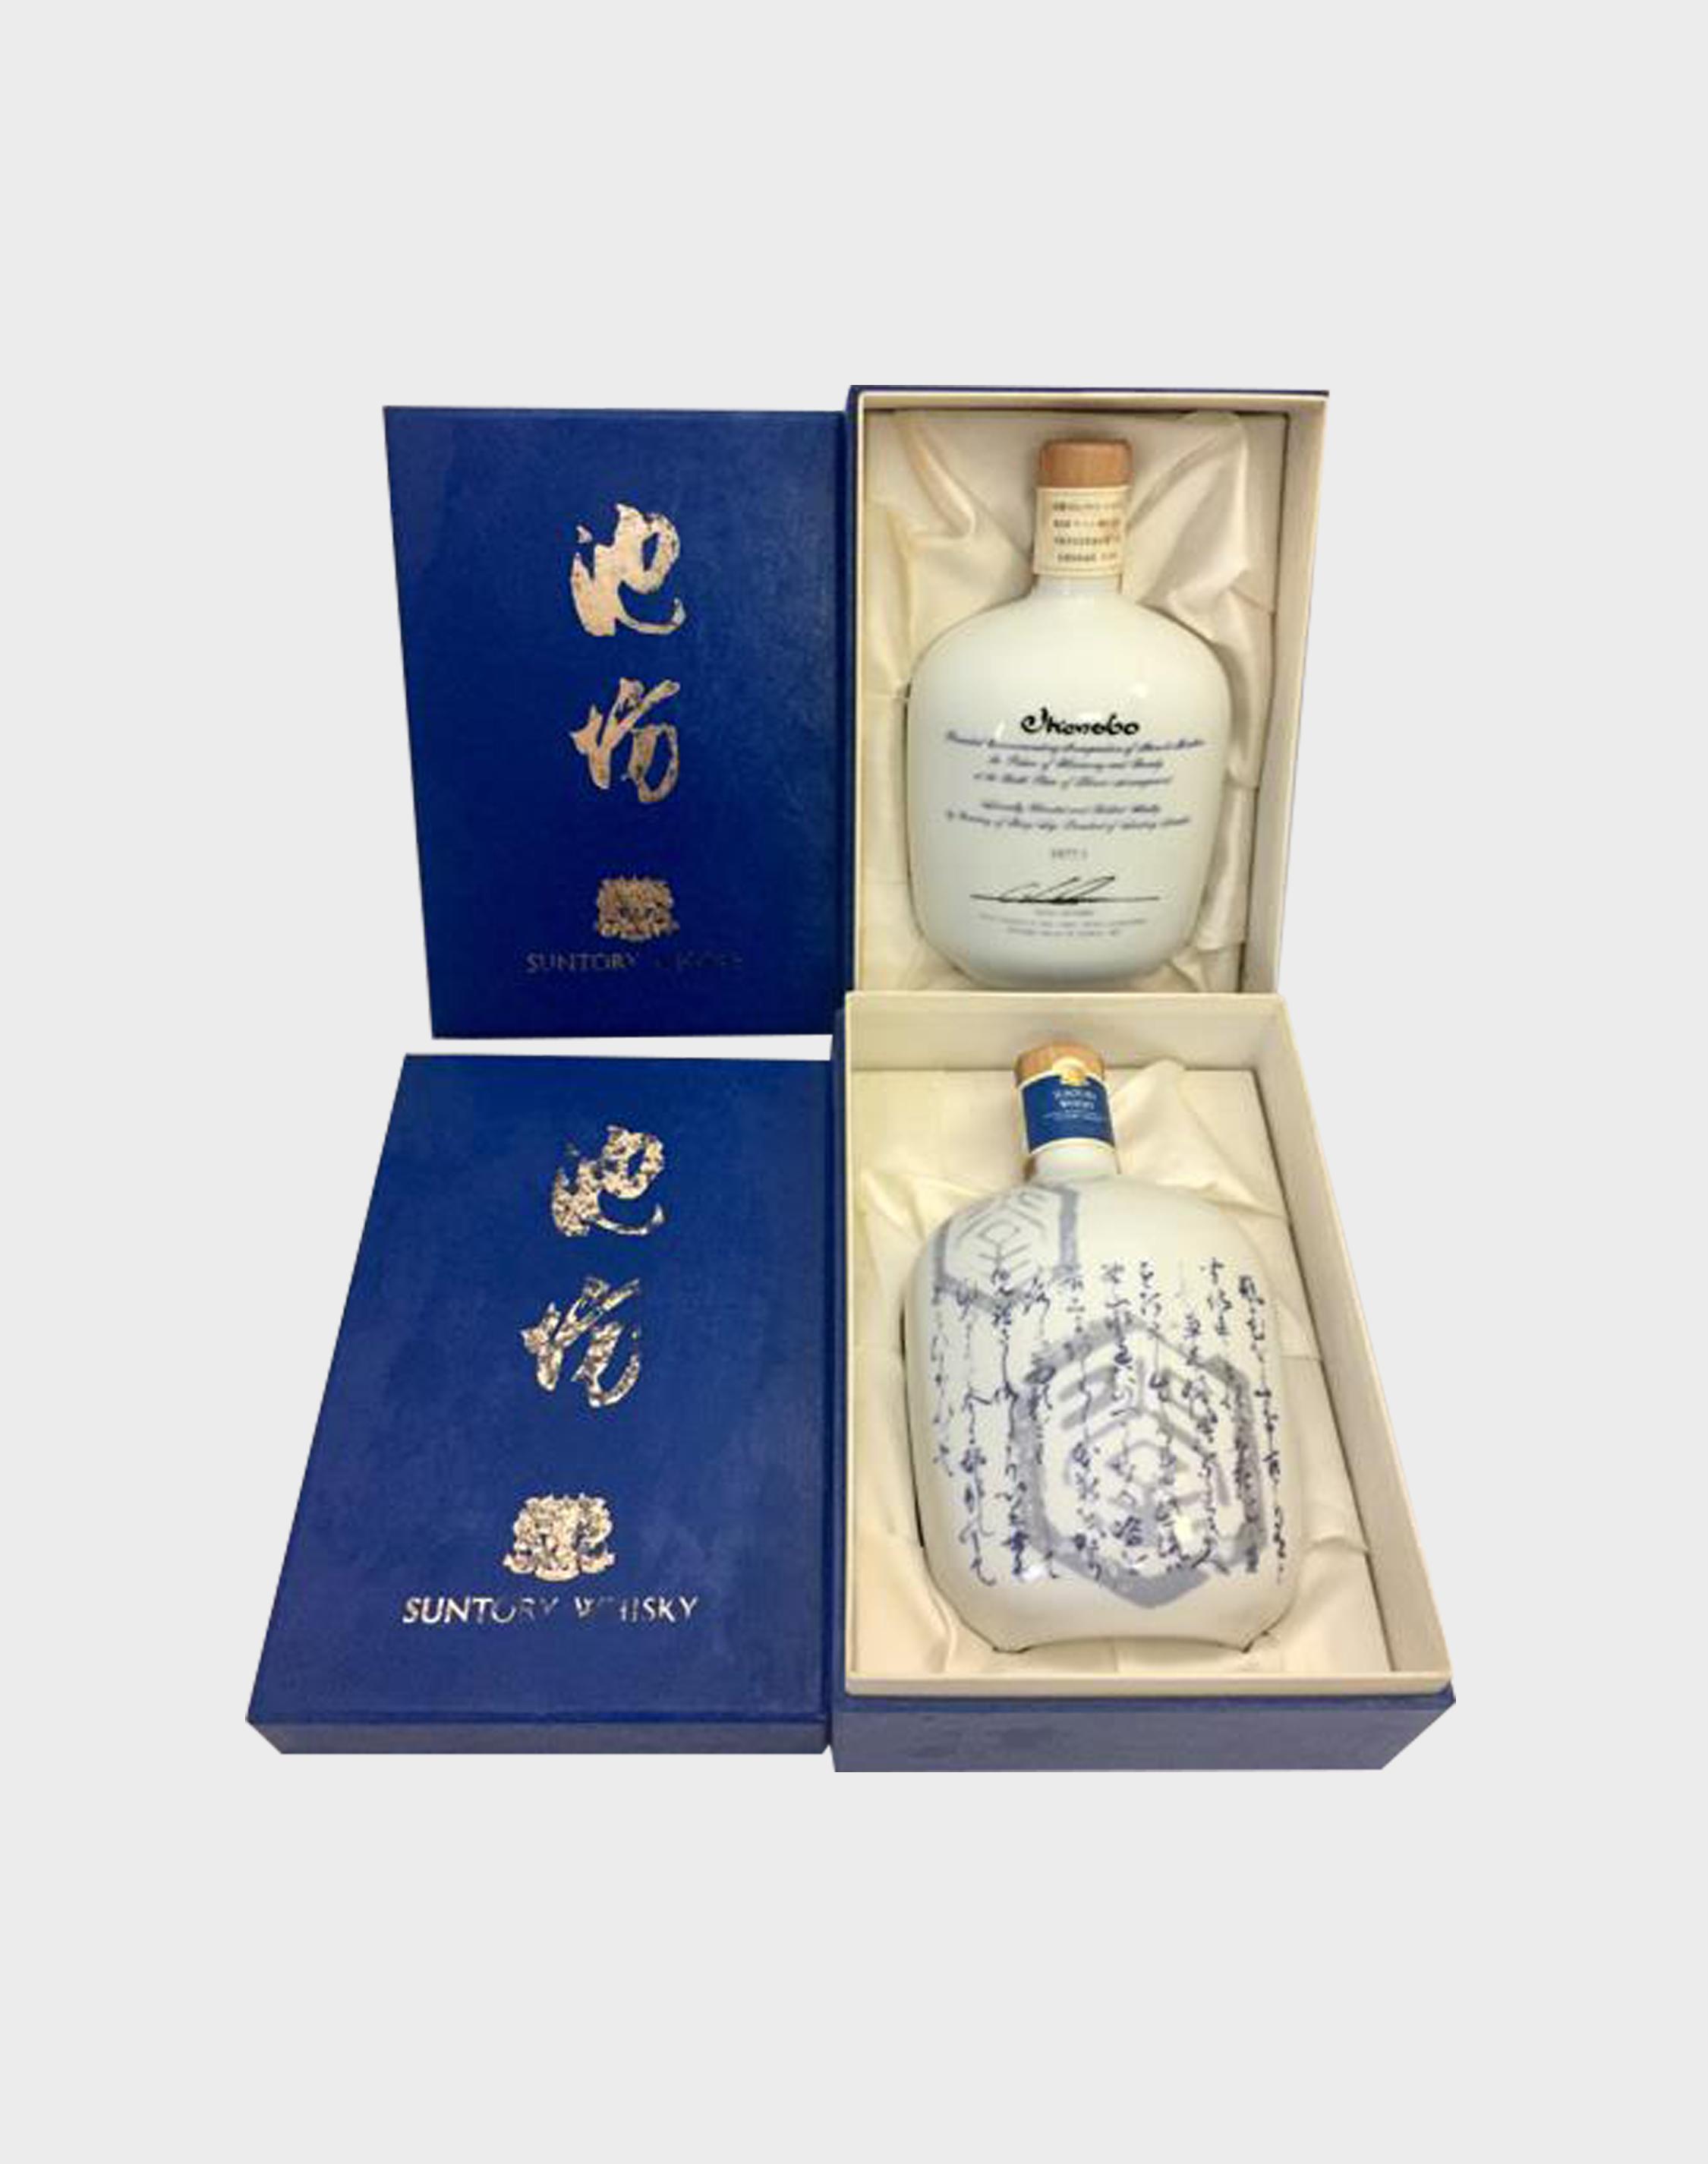 Suntory Ikenobo Ceramic Whisky Set